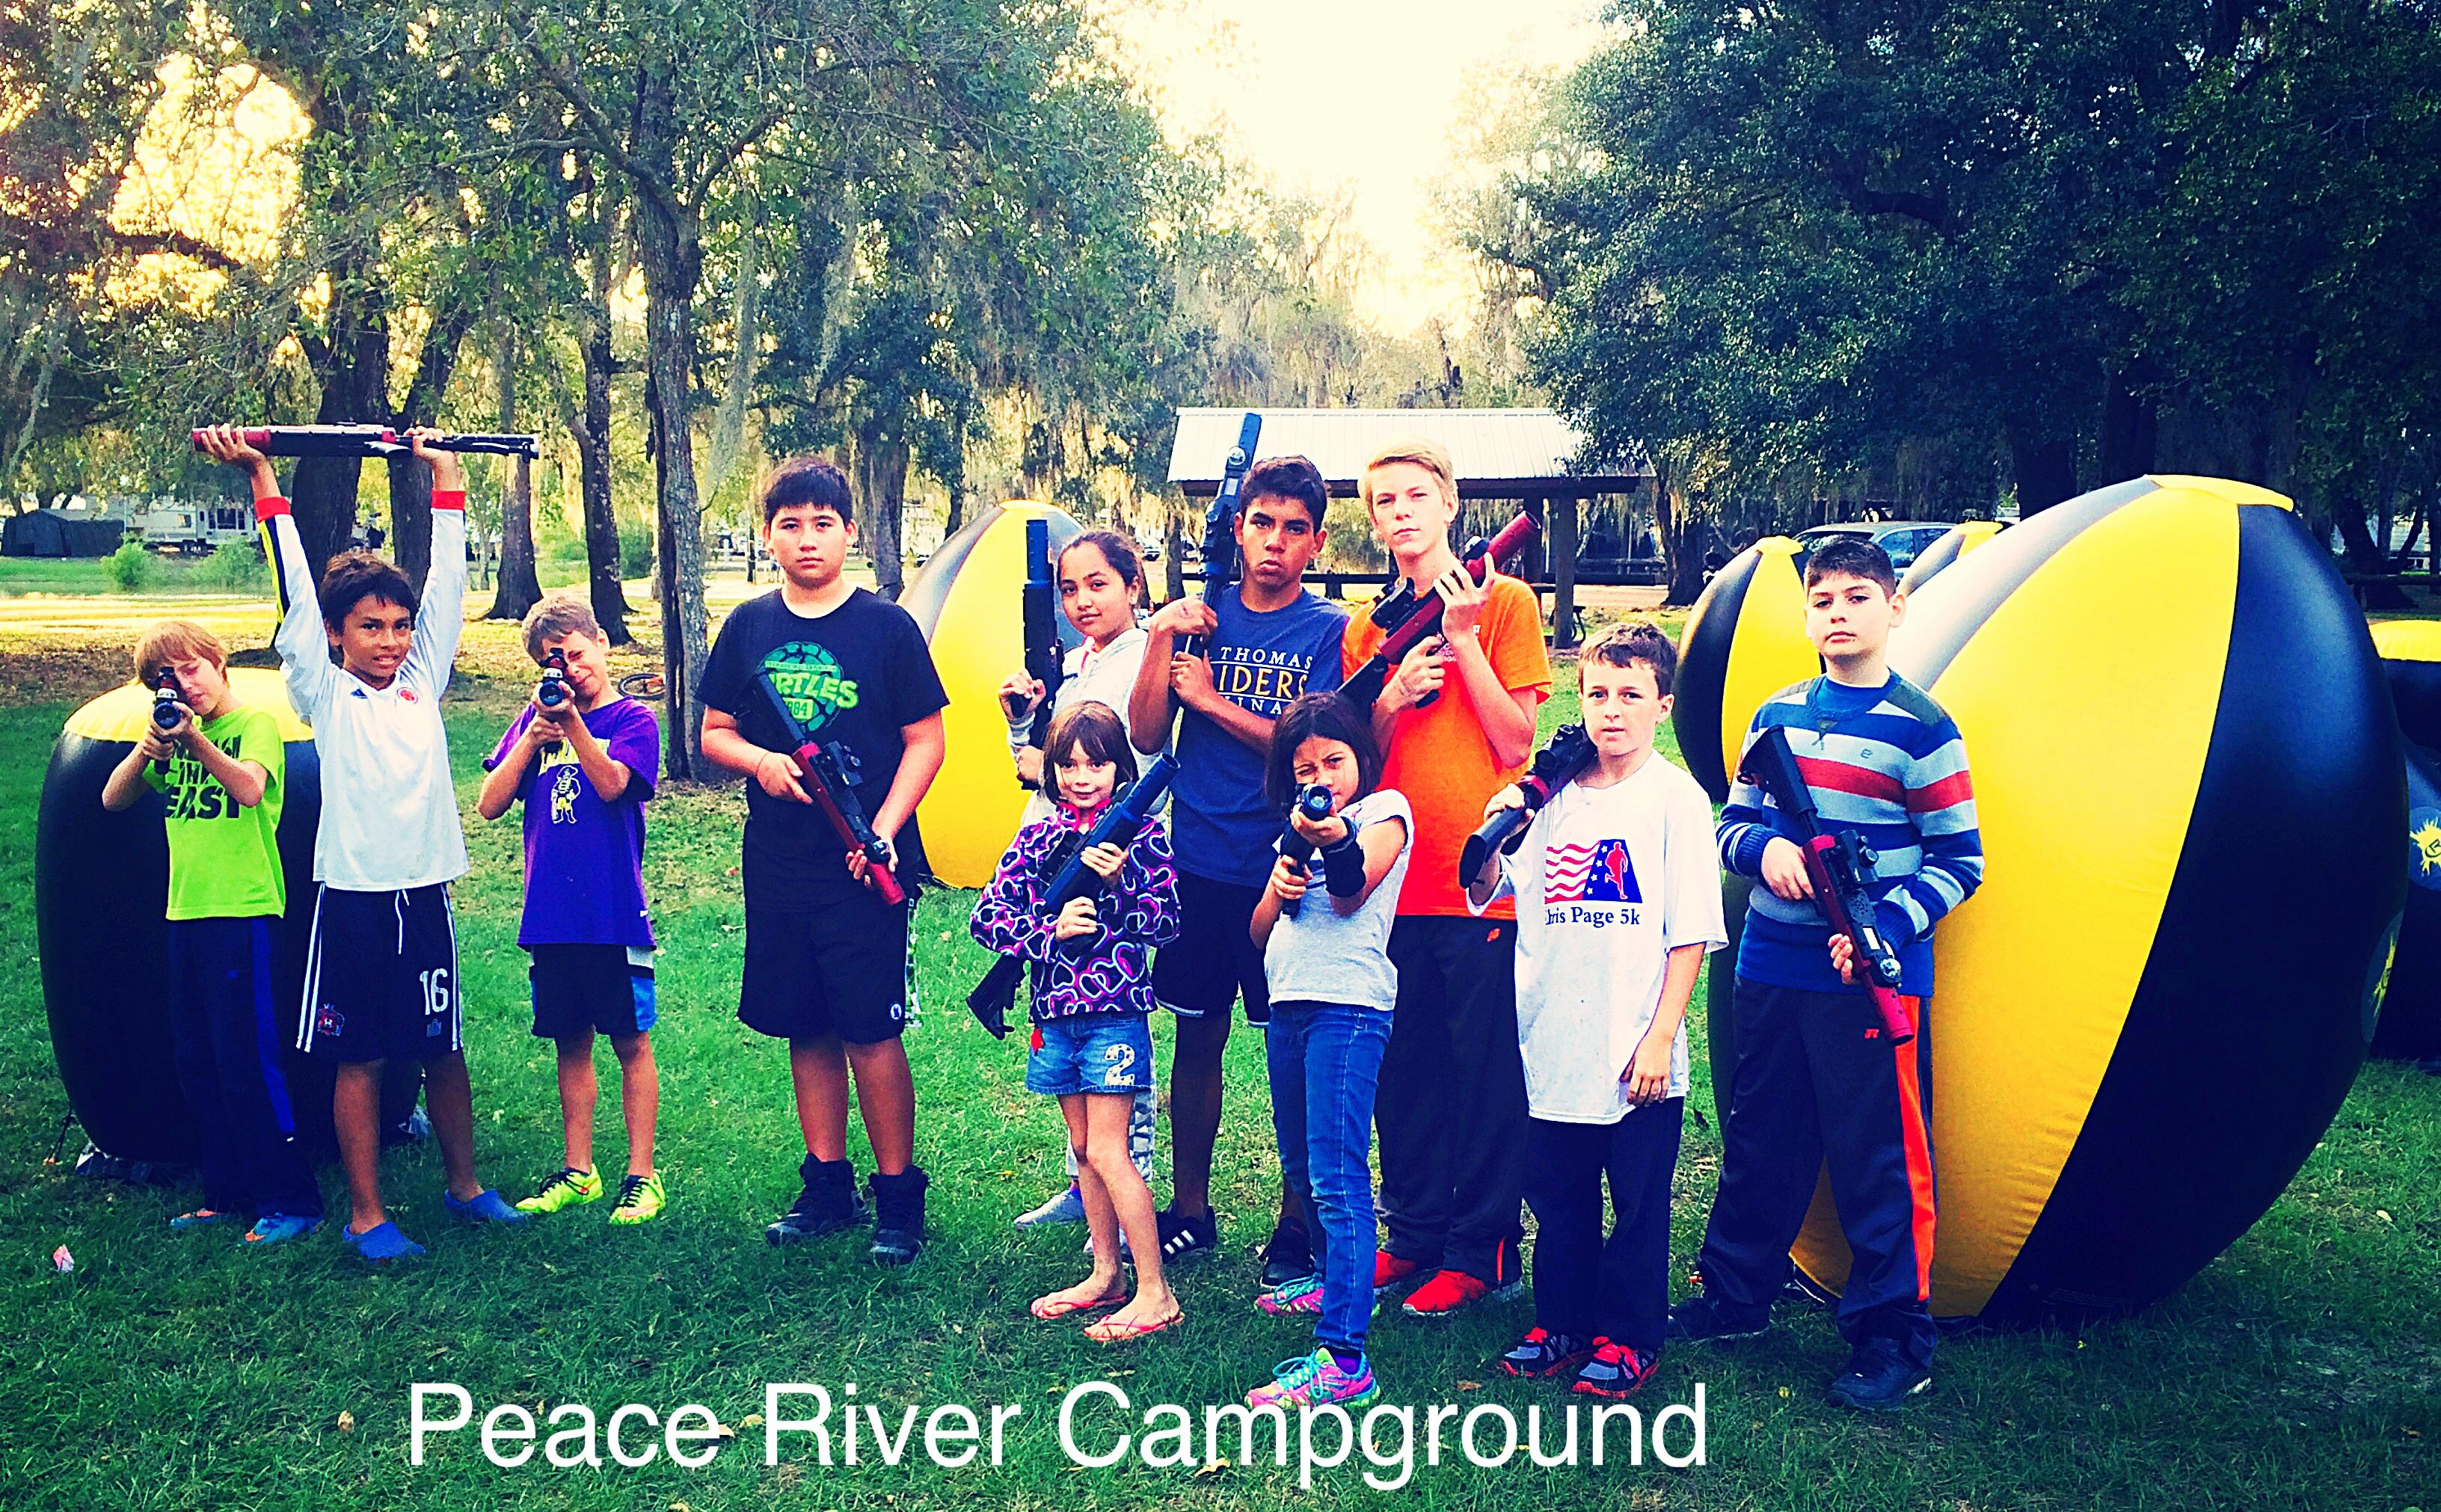 Summer Camp Event in Arcadia Florida